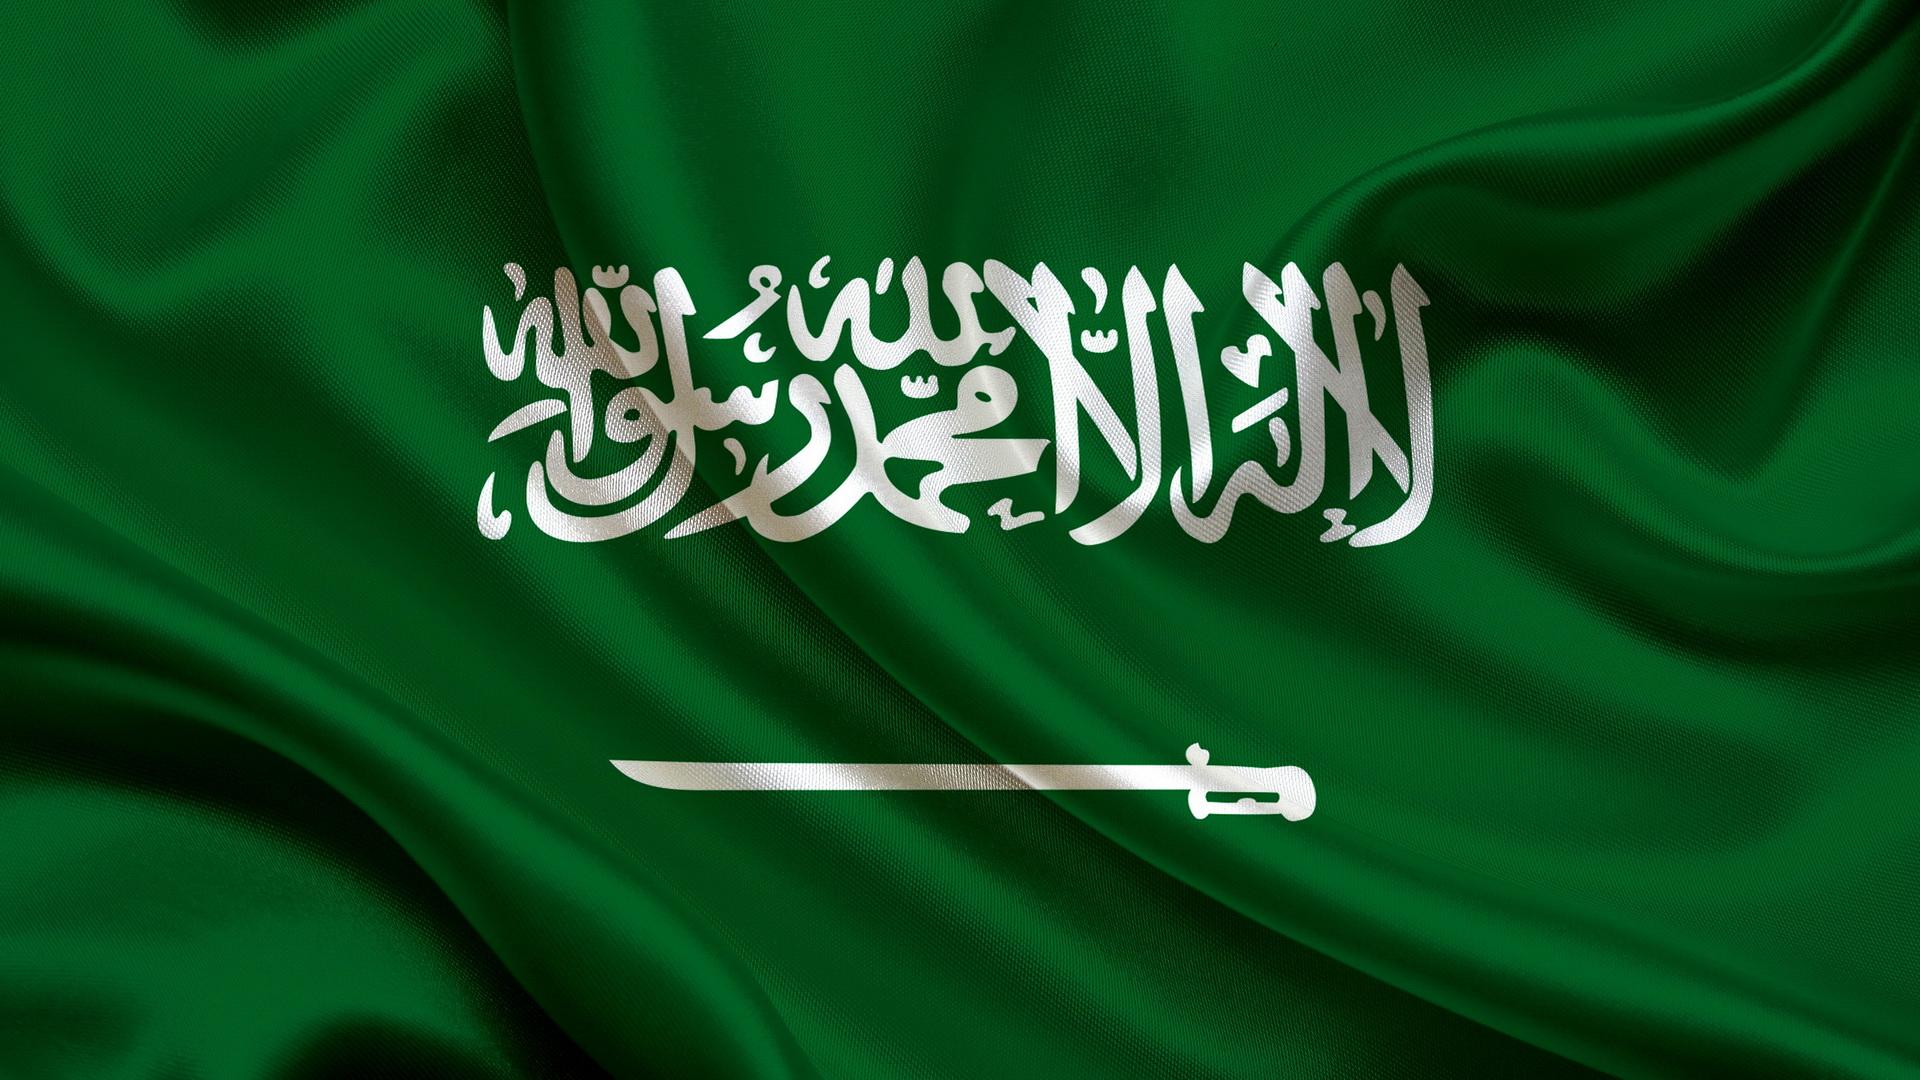 بالصور صور علم السعودية , احلى صورة لعلم السعوديه 1711 3